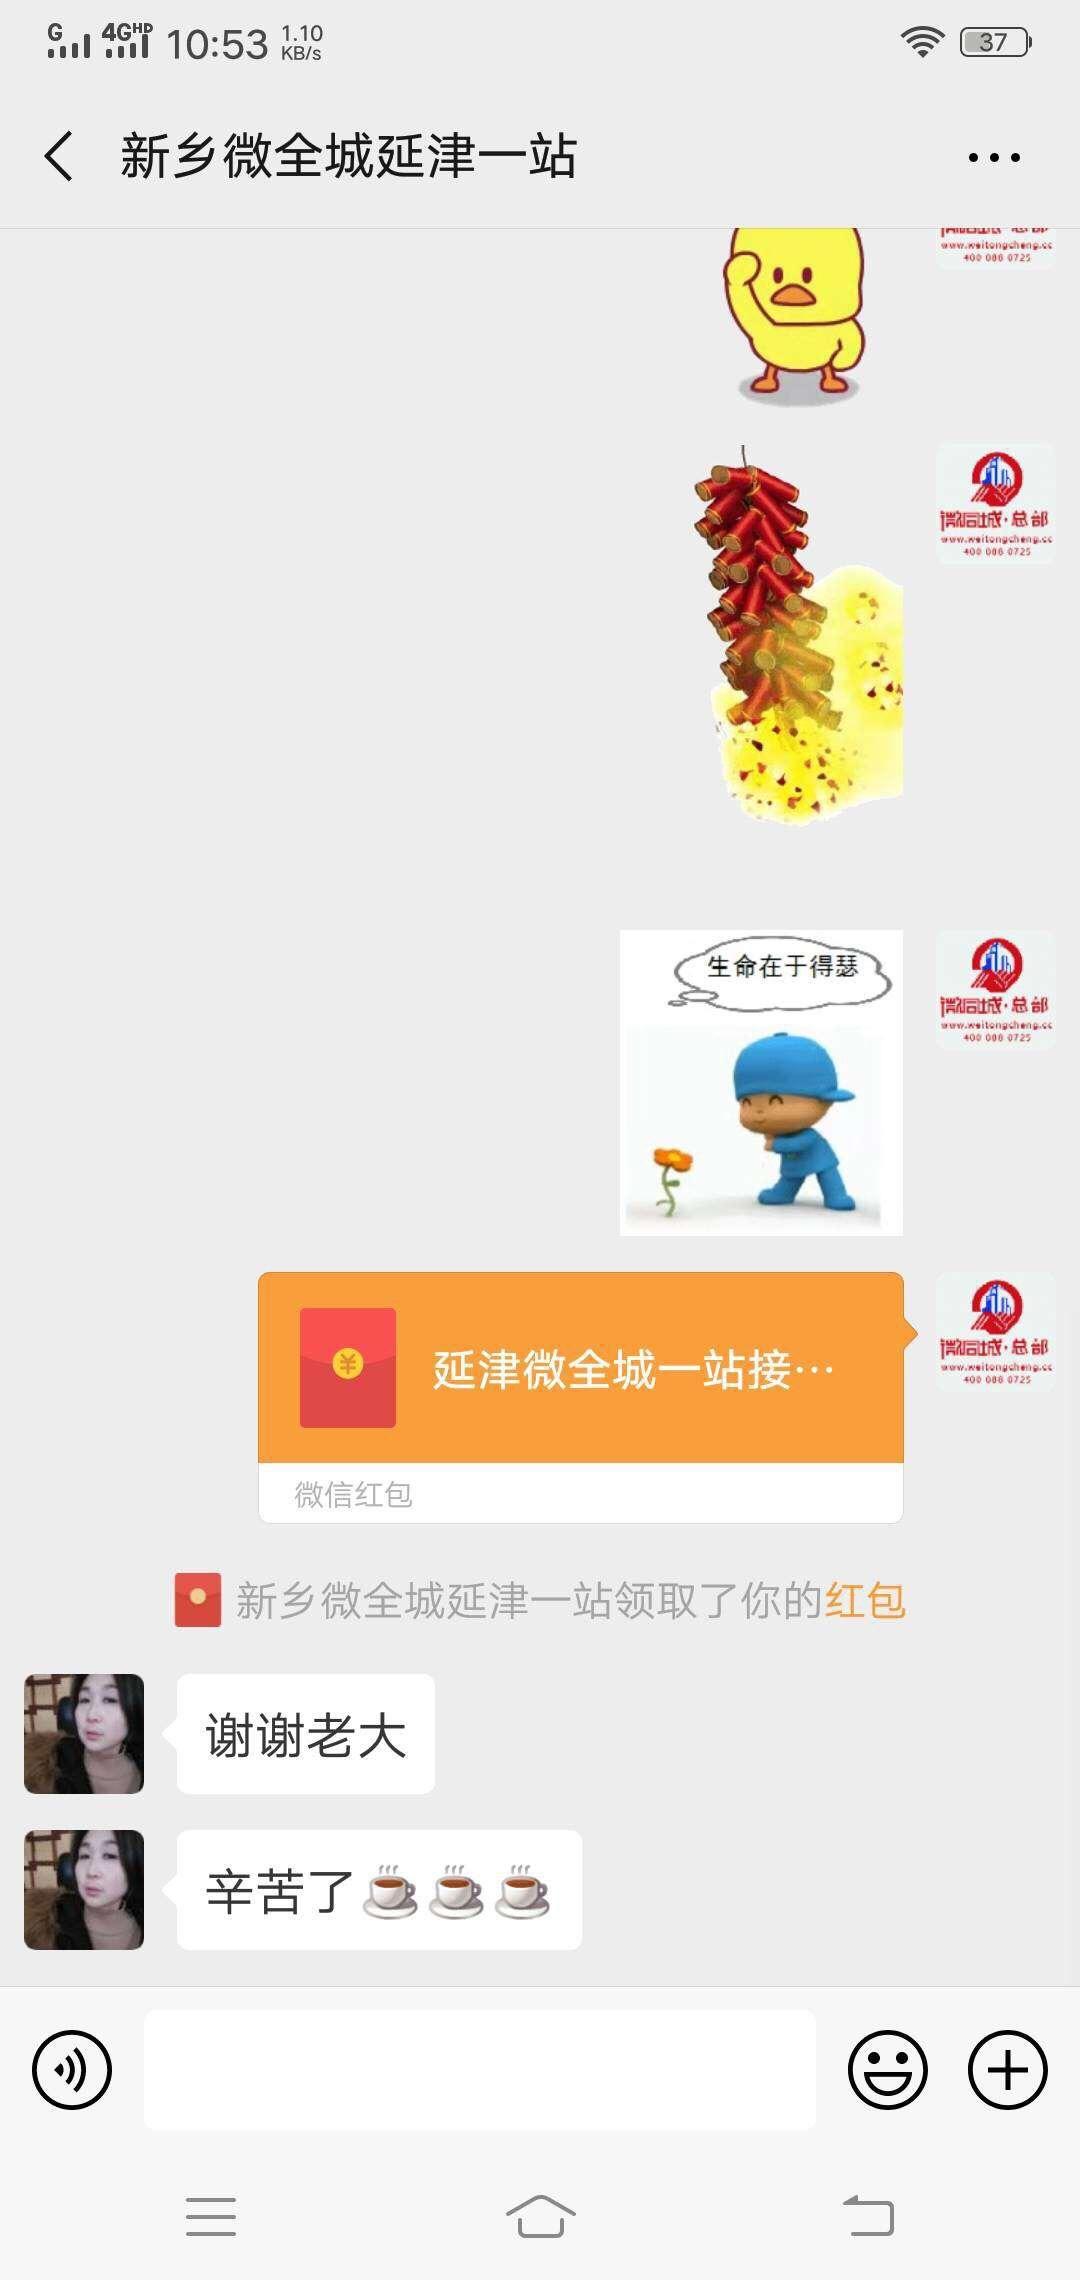 【赚156元】延津微全城微帮一站广告佣金